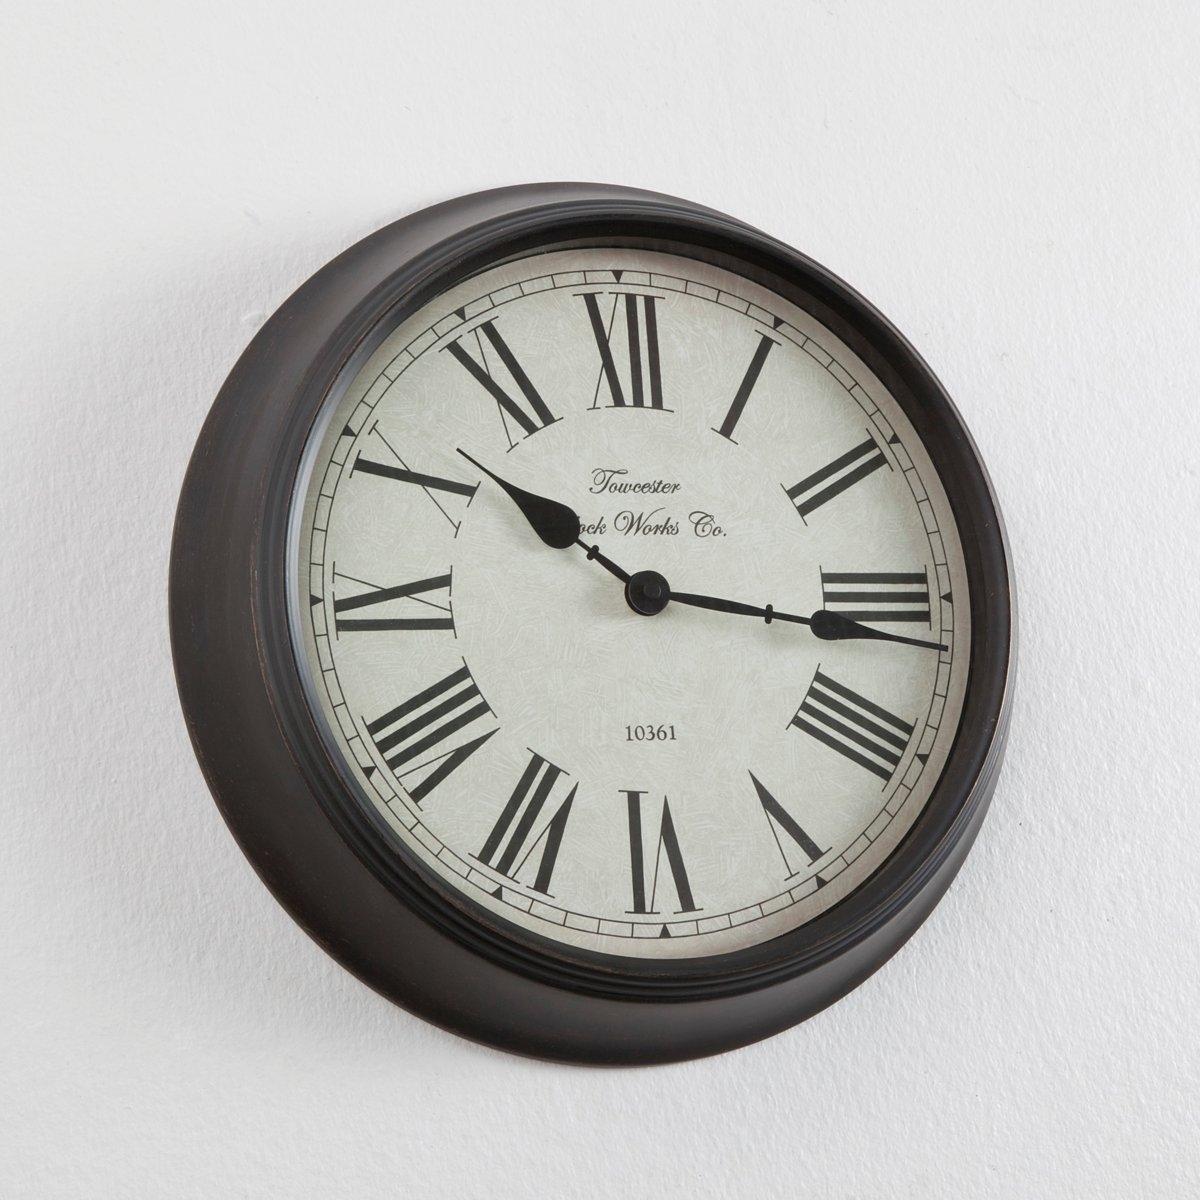 Настенные часы ZivosНастенные часы Zivos. Часы в стиле ретро как будто перешли к нам от наших бабушек с их металлической крашеной рамой, римскими цифрами и черными стрелками на белом фоне. Описание часов Zivos:Римские цифры и черные стрелки на белом фоне.Кварцевый механизм.Работают от 1 батарейки LR6 (продается на сайте).Характеристики часов Zivos:металлическая крашеная рама.Вся коллекция часов  Zivos на нашем сайте laredoute.ru.Размеры часов Zivos:Диаметр: 36 см.<br><br>Цвет: красно-коричневый